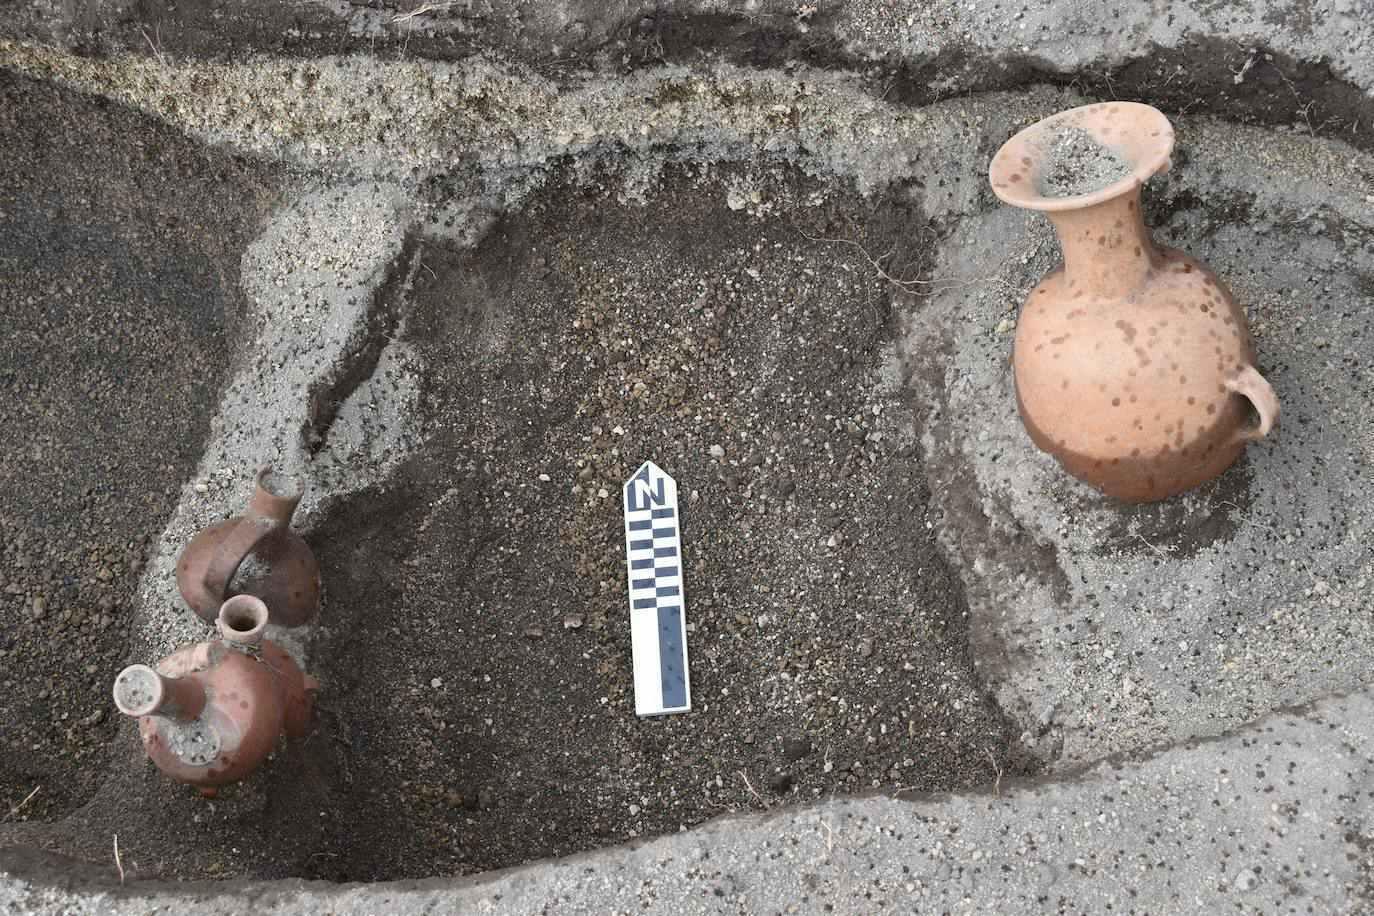 """Họ cũng tìm thấy aríbalos, trước đây được gọi là """"macka"""" hoặc """"puyñun"""" và từng được sử dụng để phục vụ chicha, một thức uống truyền thống (Dự án khảo cổ học EFE / Byron Ortiz / Mulaló - Salatilín)."""